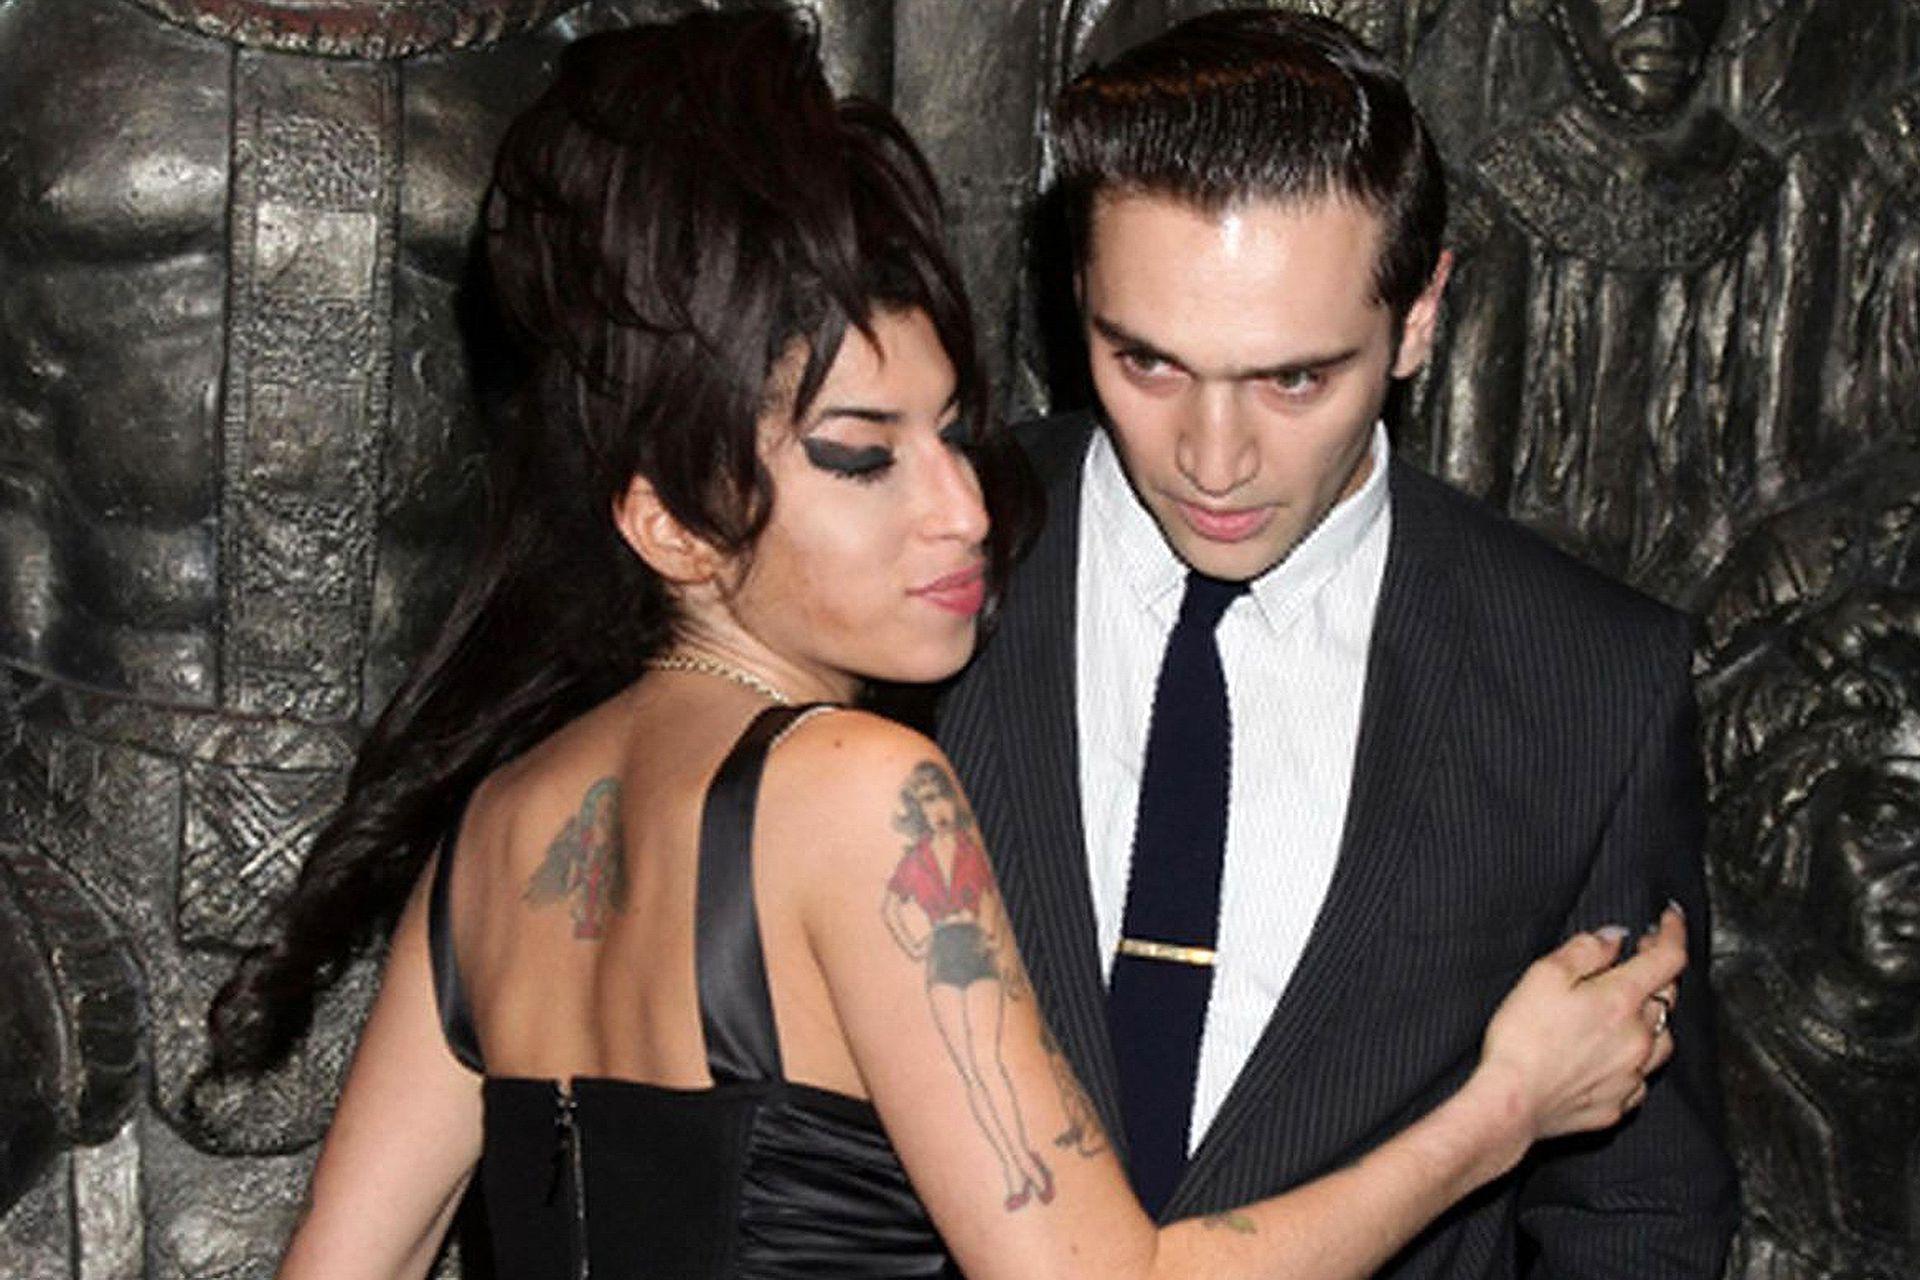 De acuerdo a Traviss y al padre de Winehouse, Mitch, la pareja se iba a casar y tener hijos